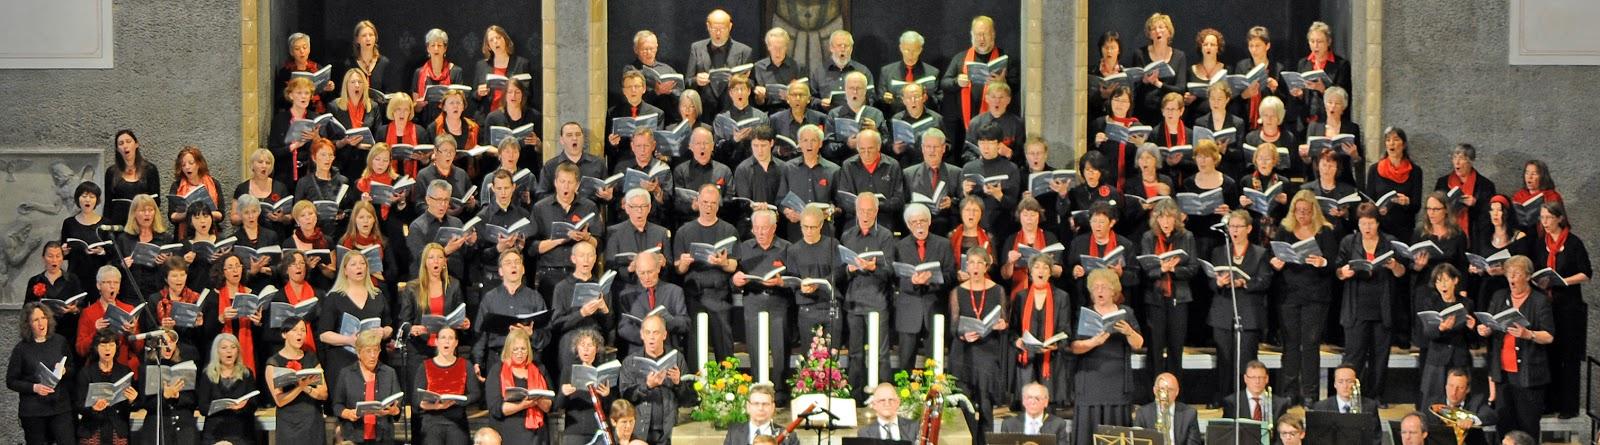 Chor Levantate Ulm